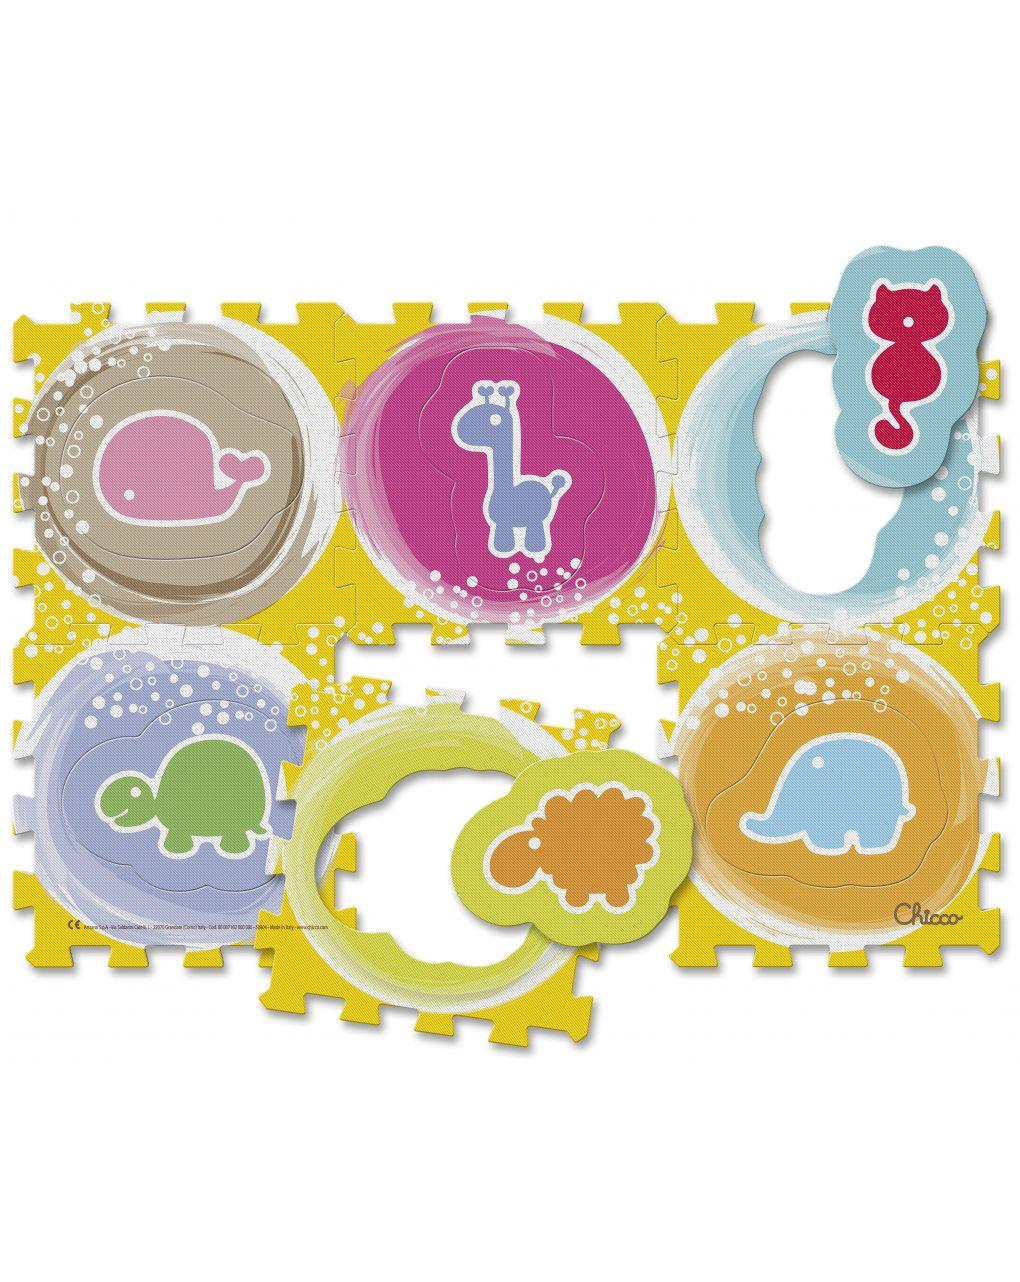 Chicco - tappeto puzzle animali - Chicco